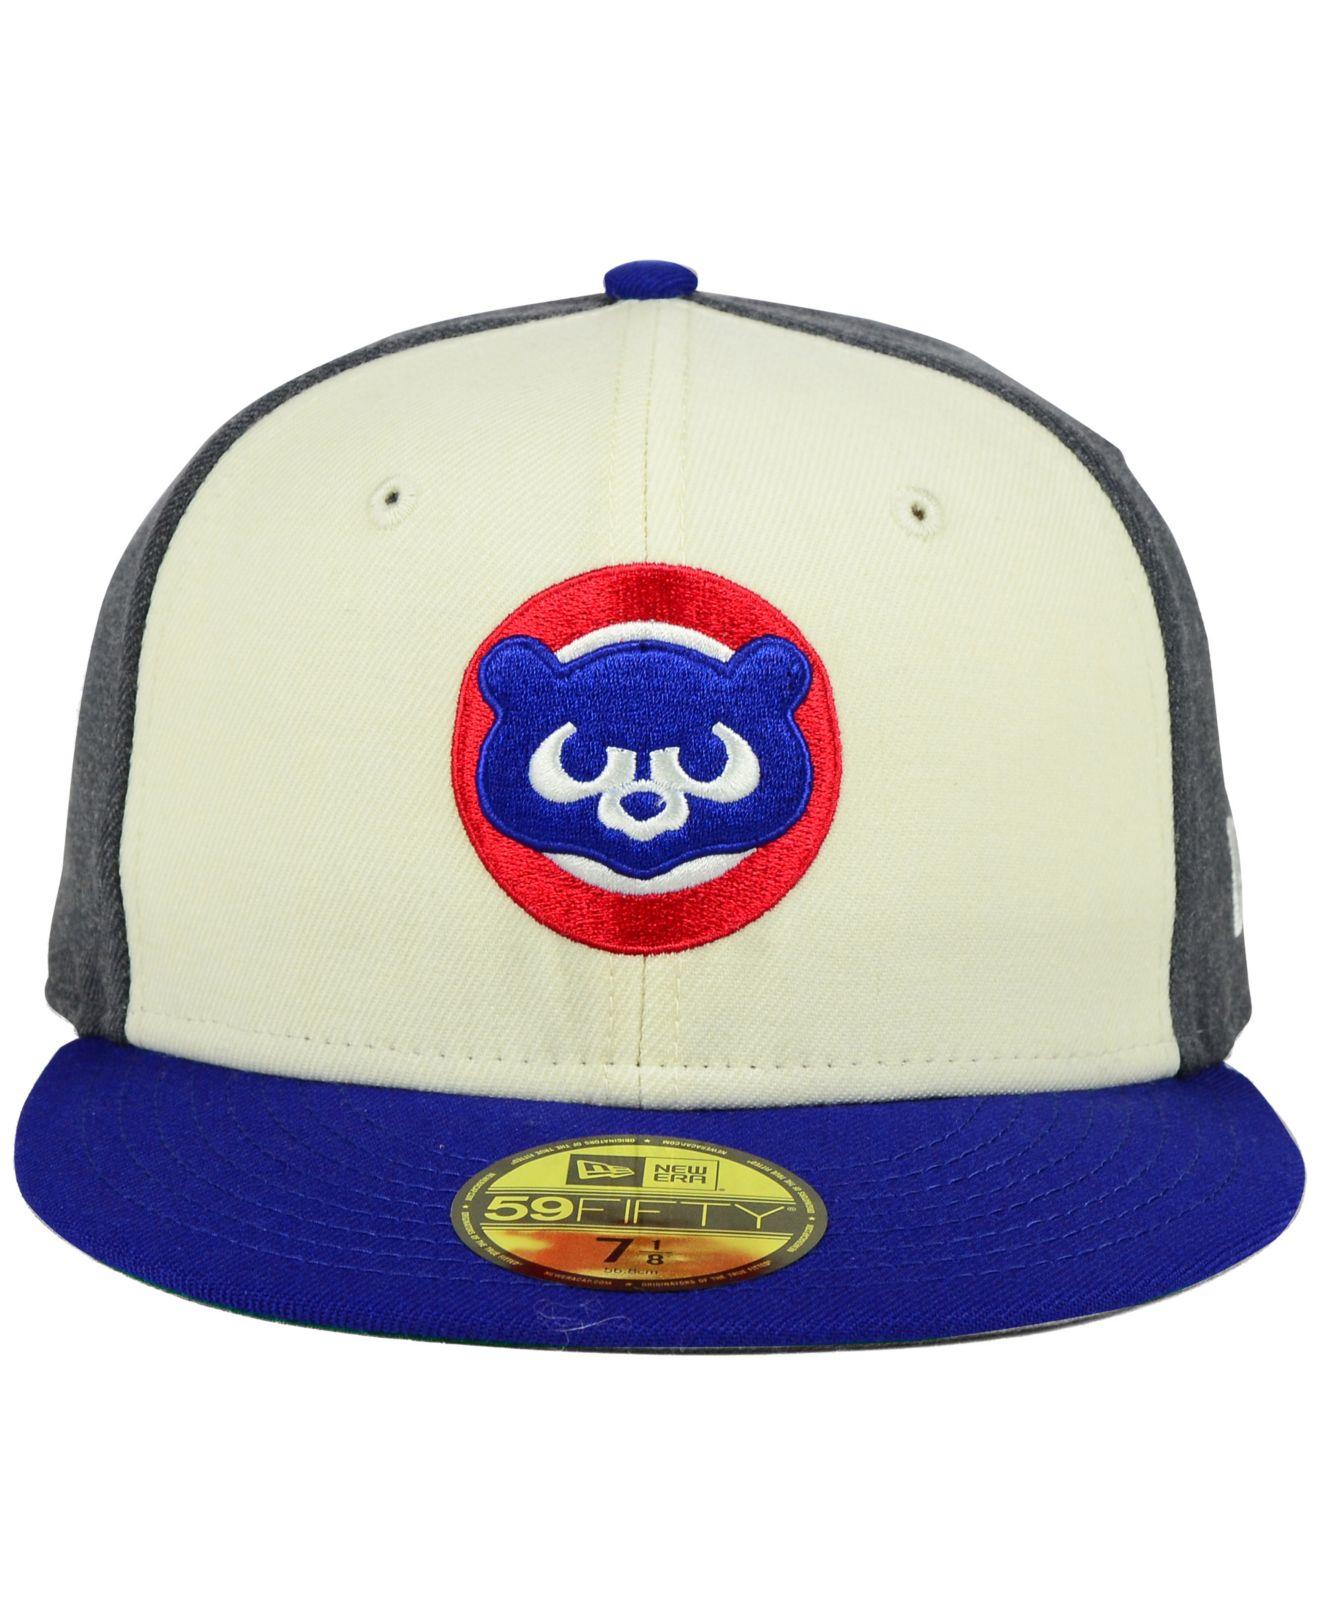 fad8ad40551 Lyst - KTZ Chicago Cubs Classic Coop 59fifty Cap for Men